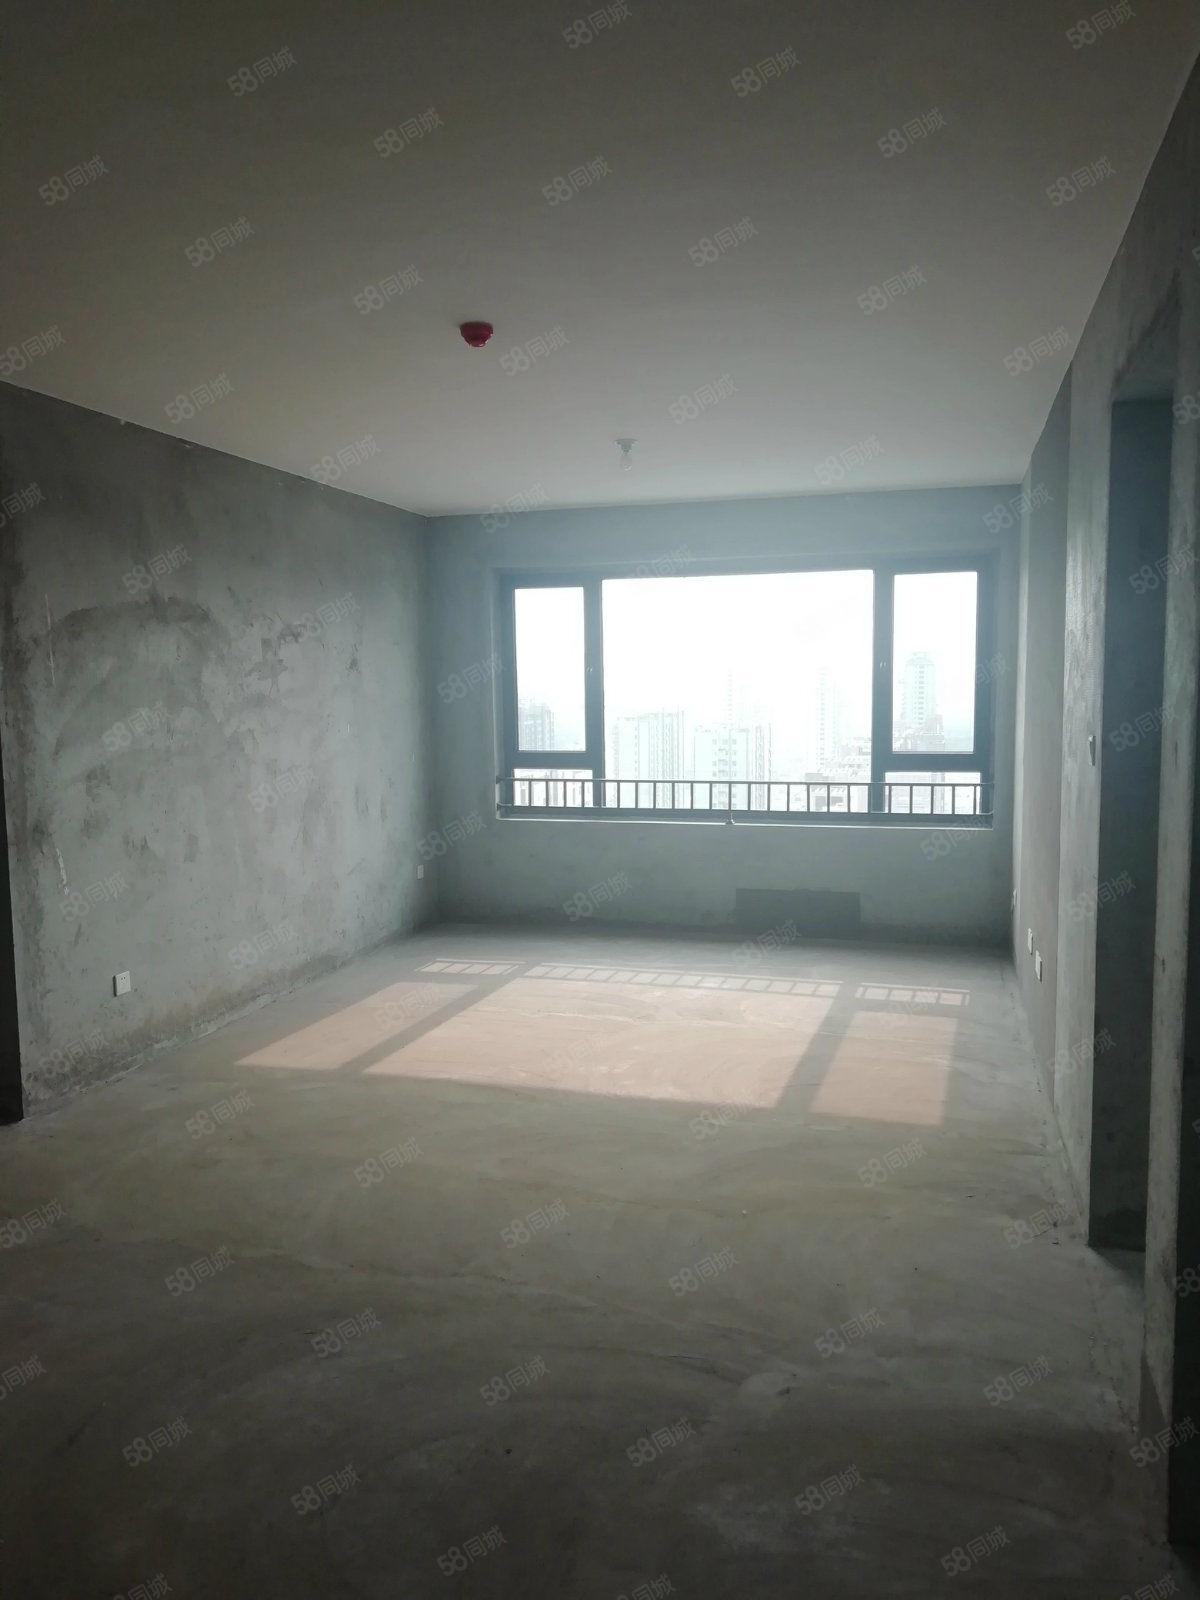 高铁新区永锋百合新城单价6000一平 楼层可选 周边配套齐全